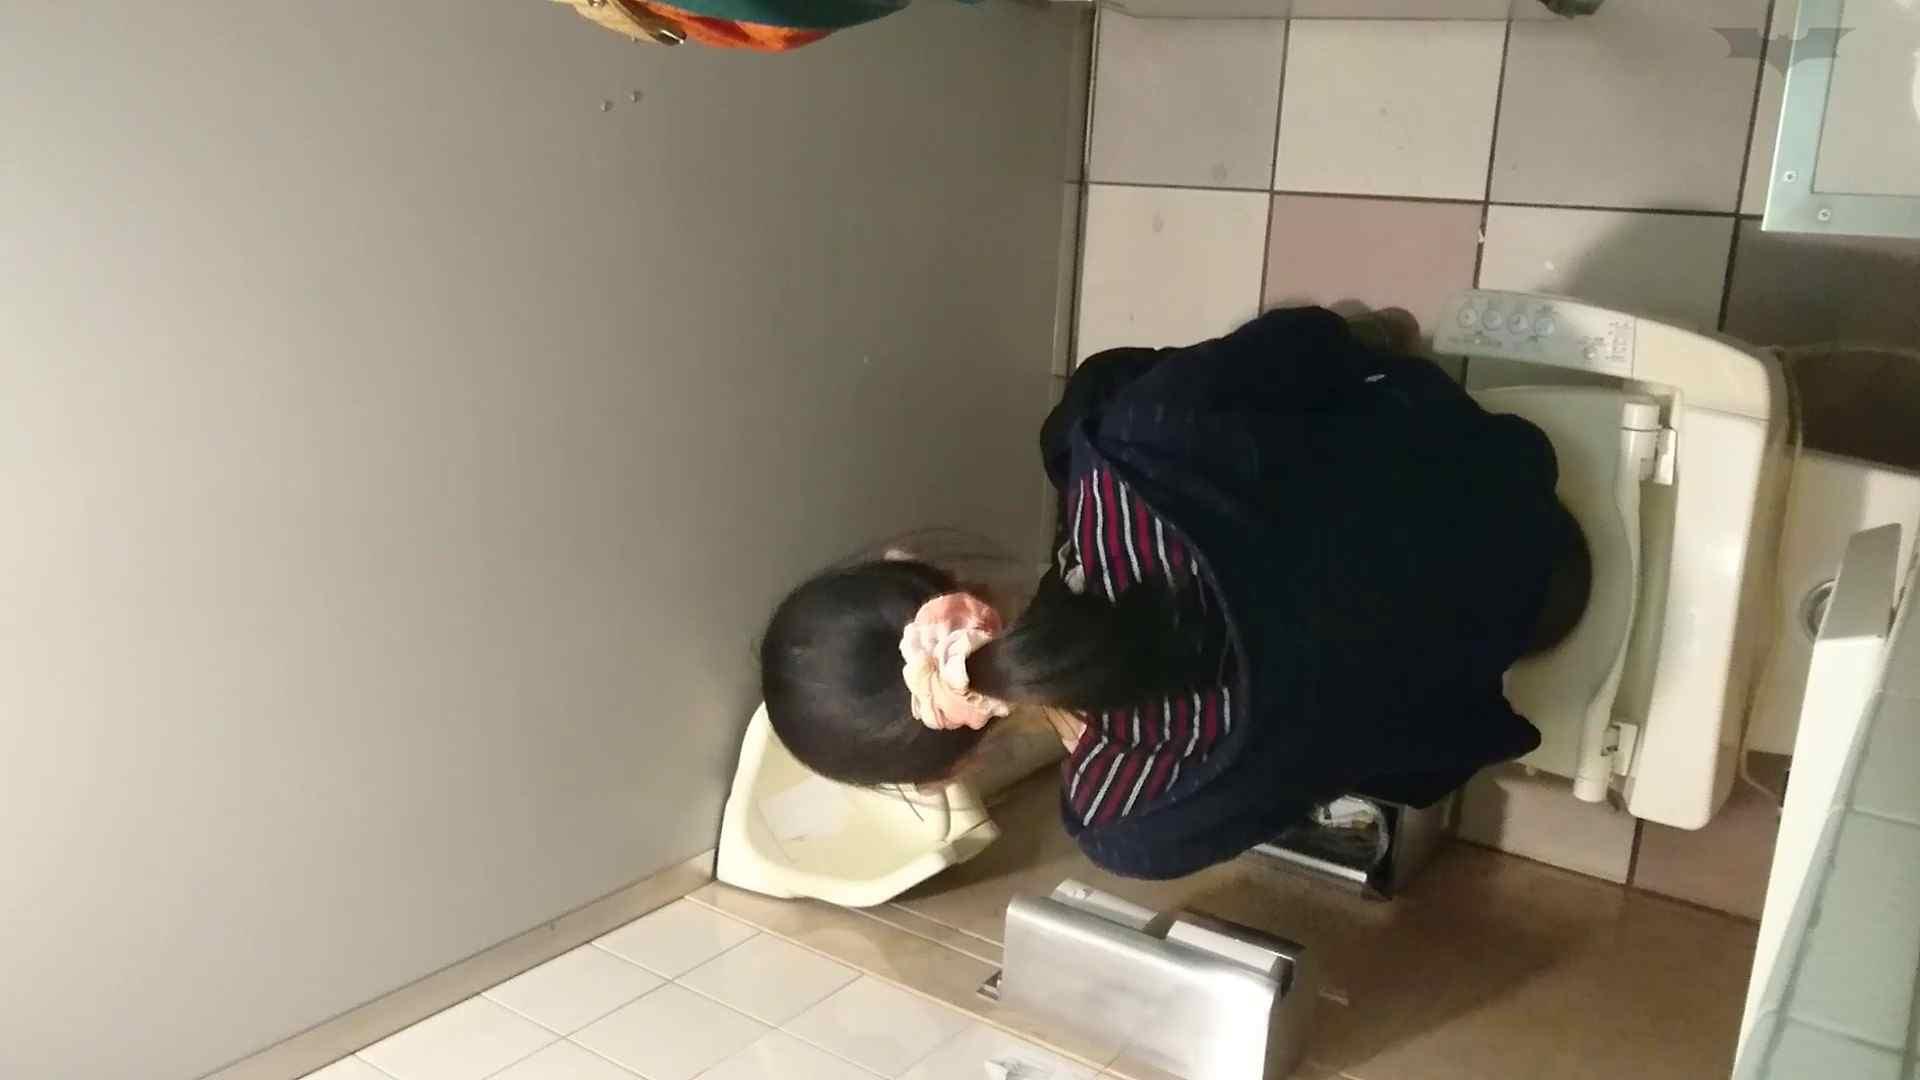 化粧室絵巻 ショッピングモール編 VOL.18 洗面所のぞき | 高評価  108枚 46